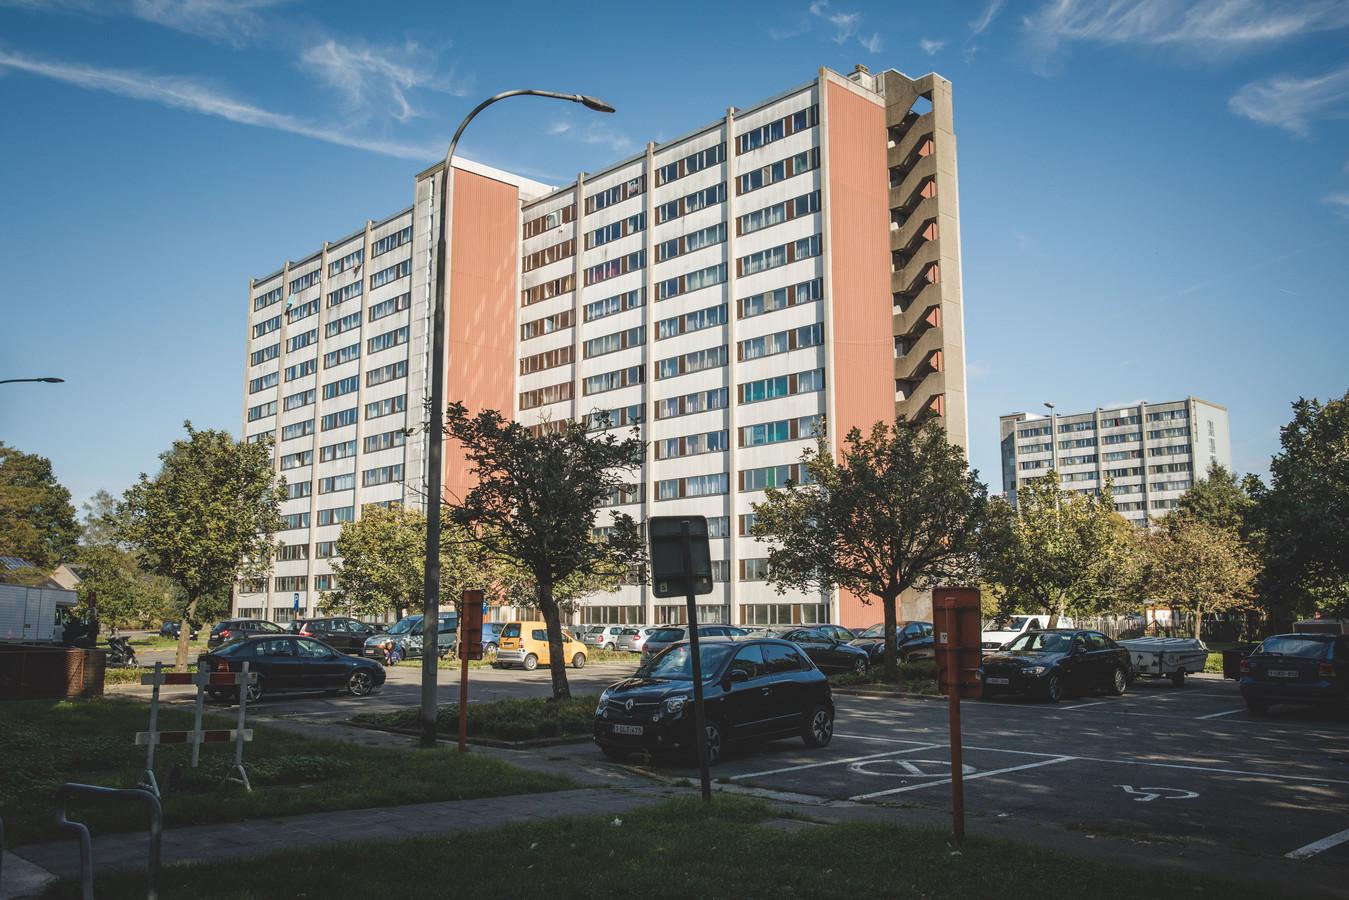 Onder meer in de wijk Nieuw Gent vlak bij het UZ Gent heeft sociale woningmaatschappij WoninGent verschillende sociale blokken in het bezit.